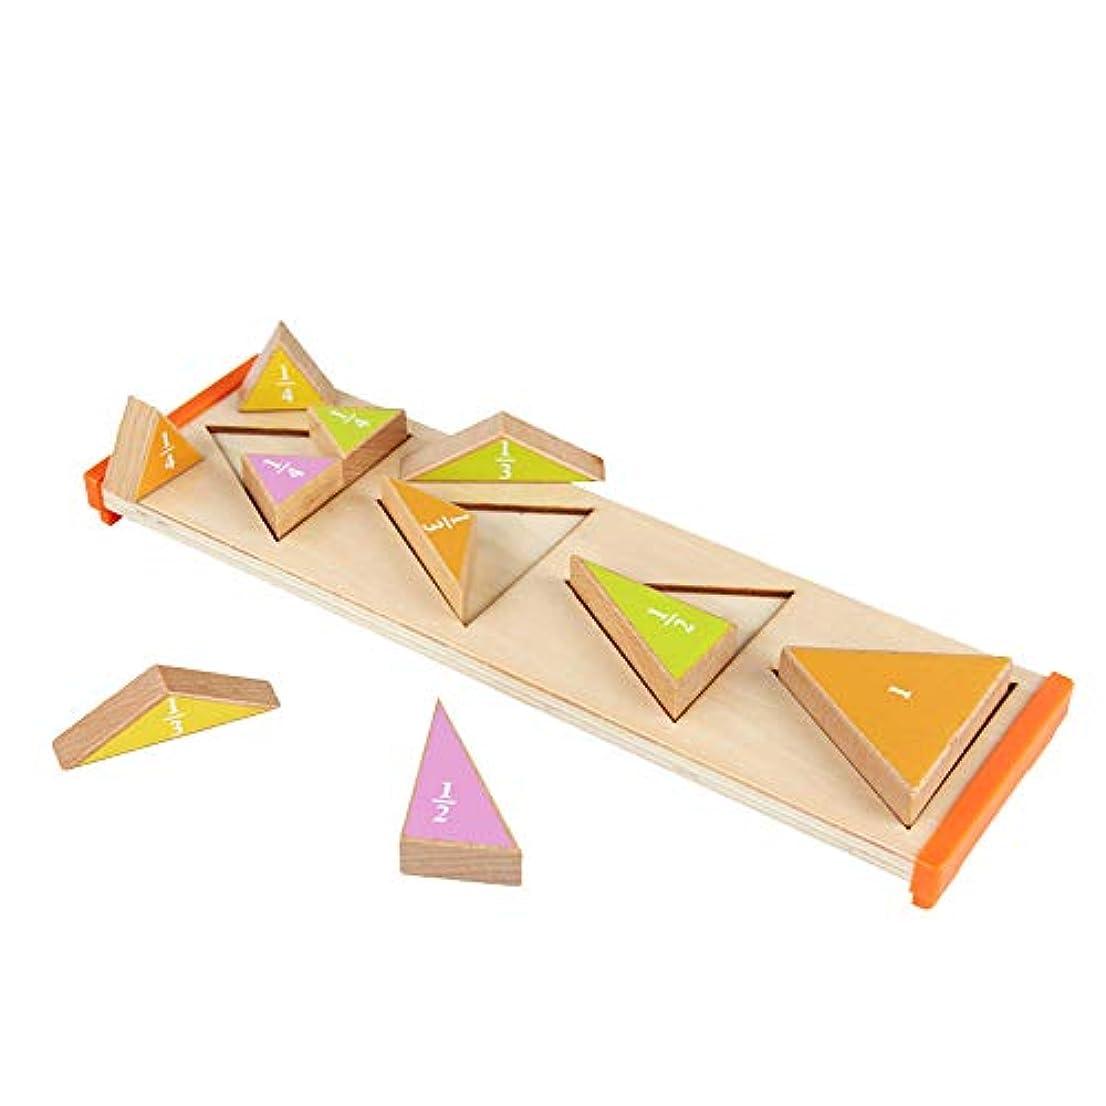 ながらに関して差別するFLORMOON就学前教育ツール三角分割パズルゲーム早期教育玩具科学プロジェクト教育エイズキッズボーイズガールズ年齢3+歳